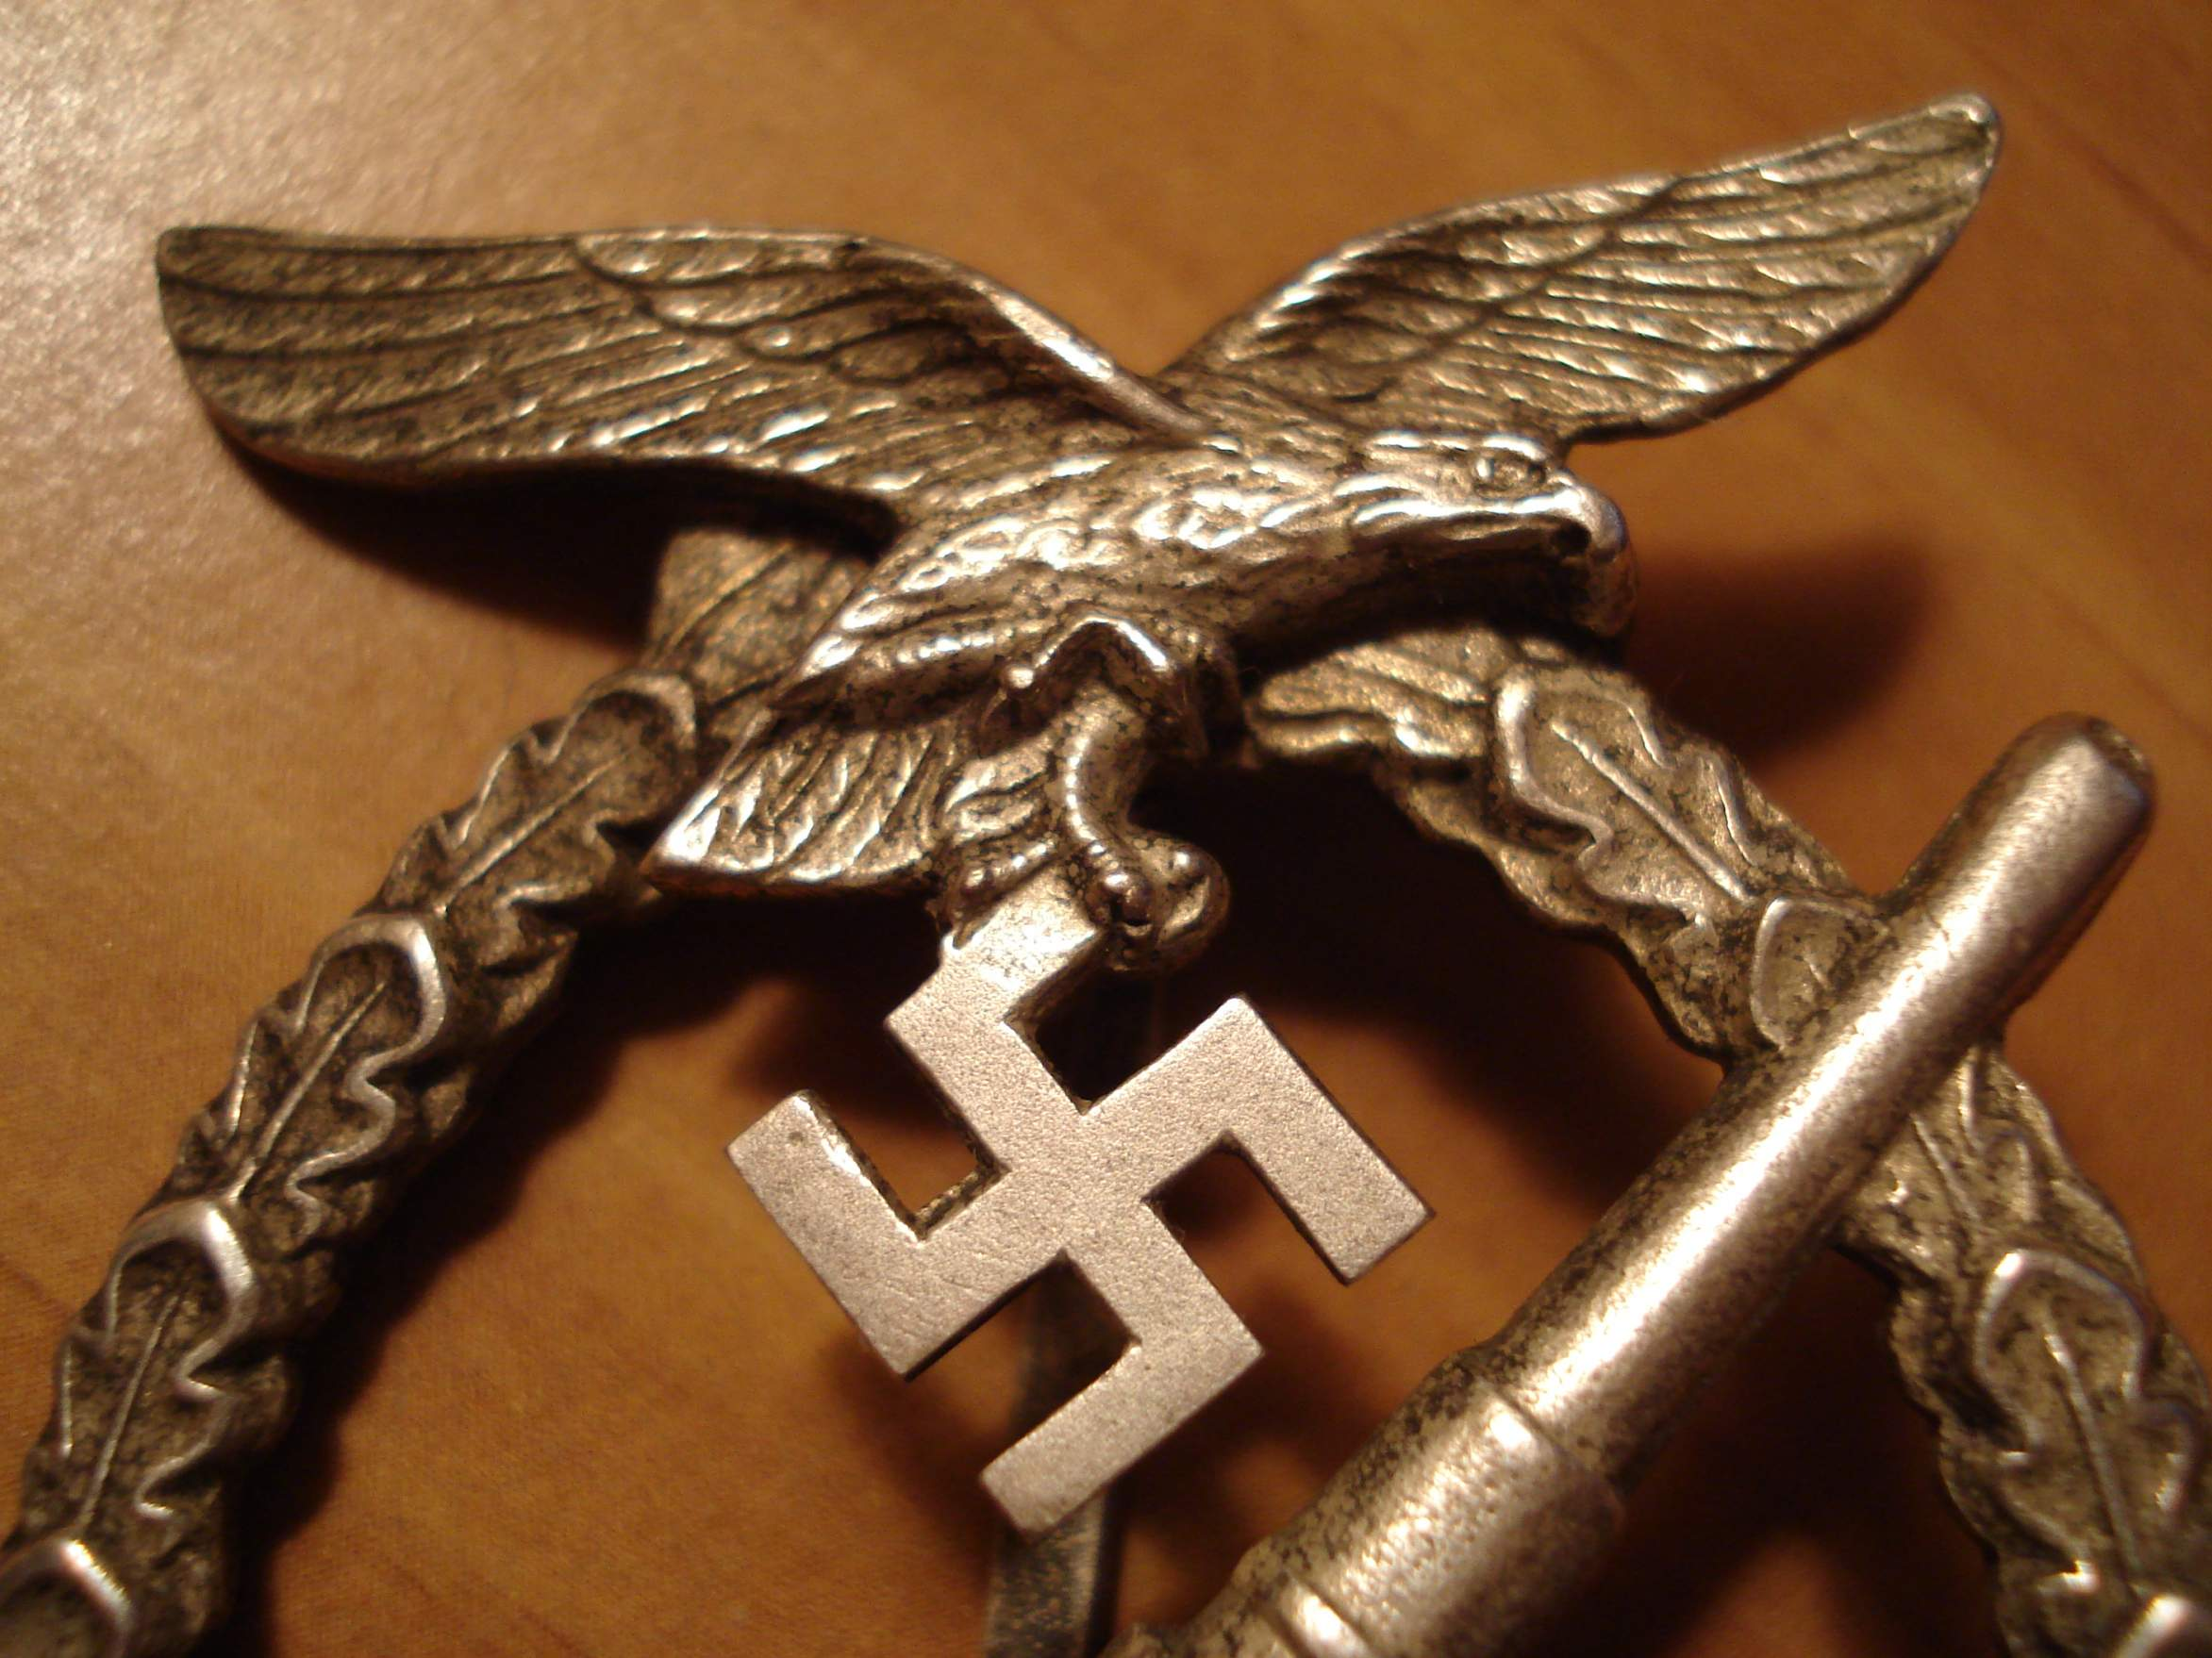 Flakkampfabzeichen der Luftwaffe real or repro??